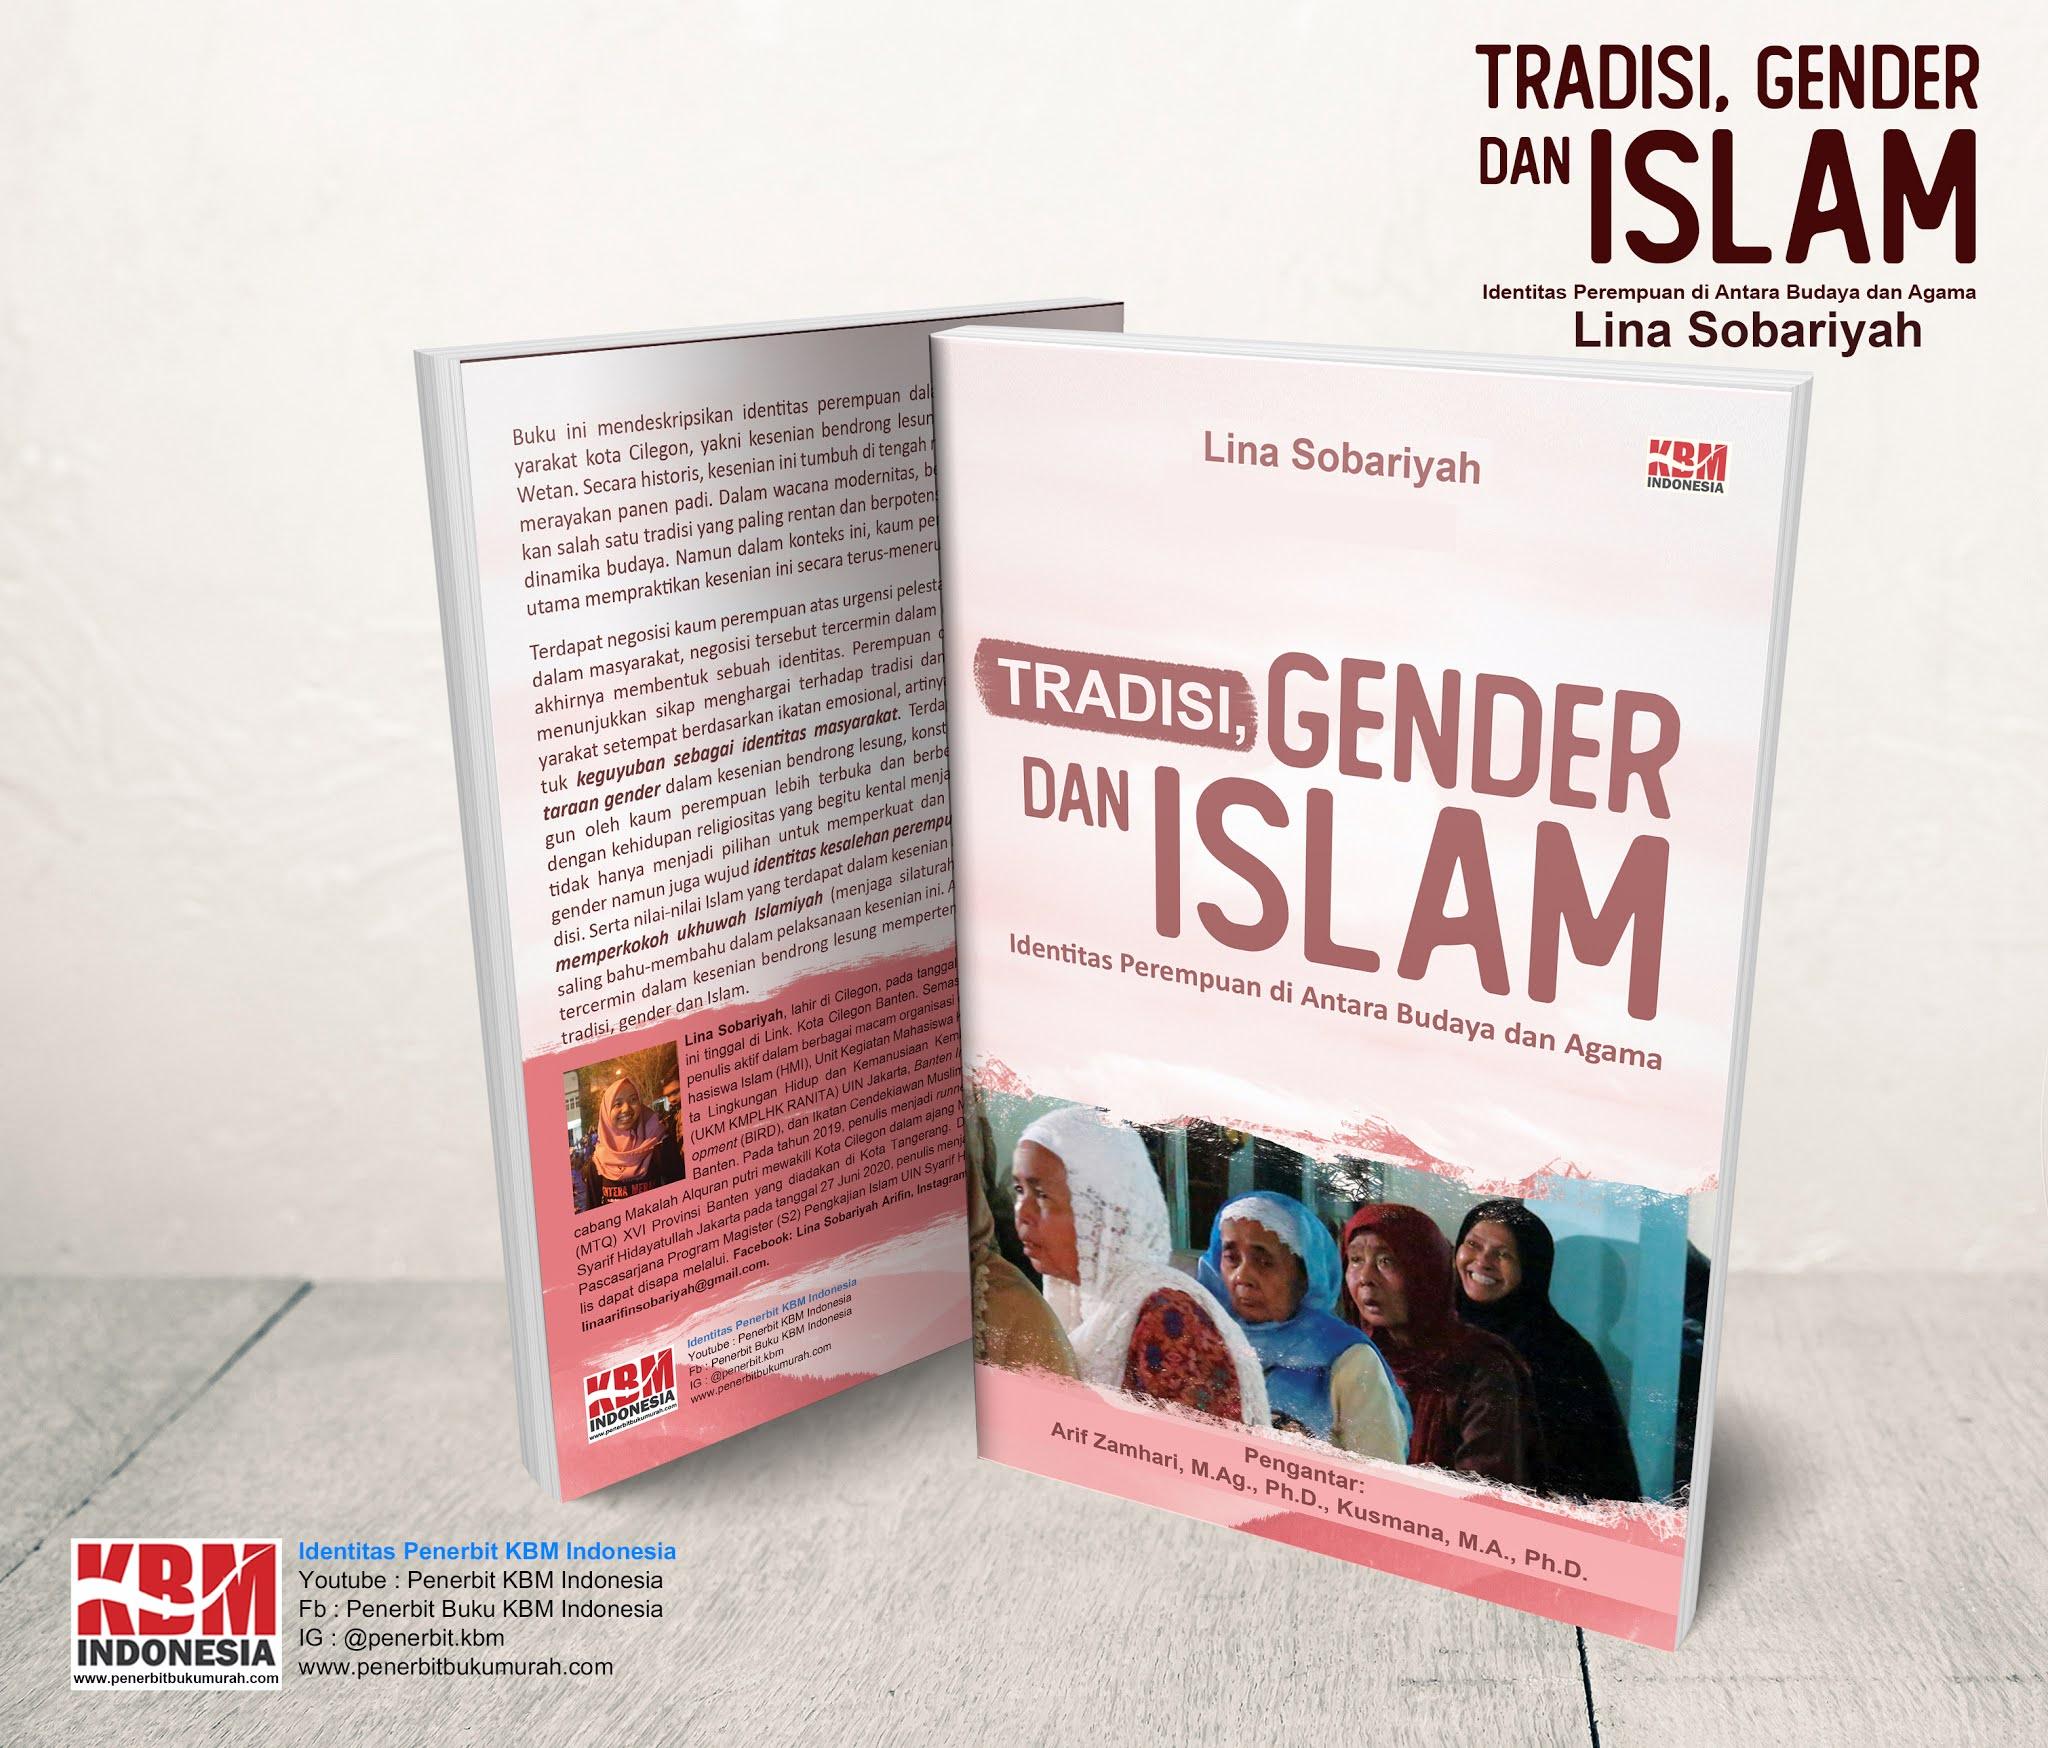 TRADISI, GENDER DAN ISLAM